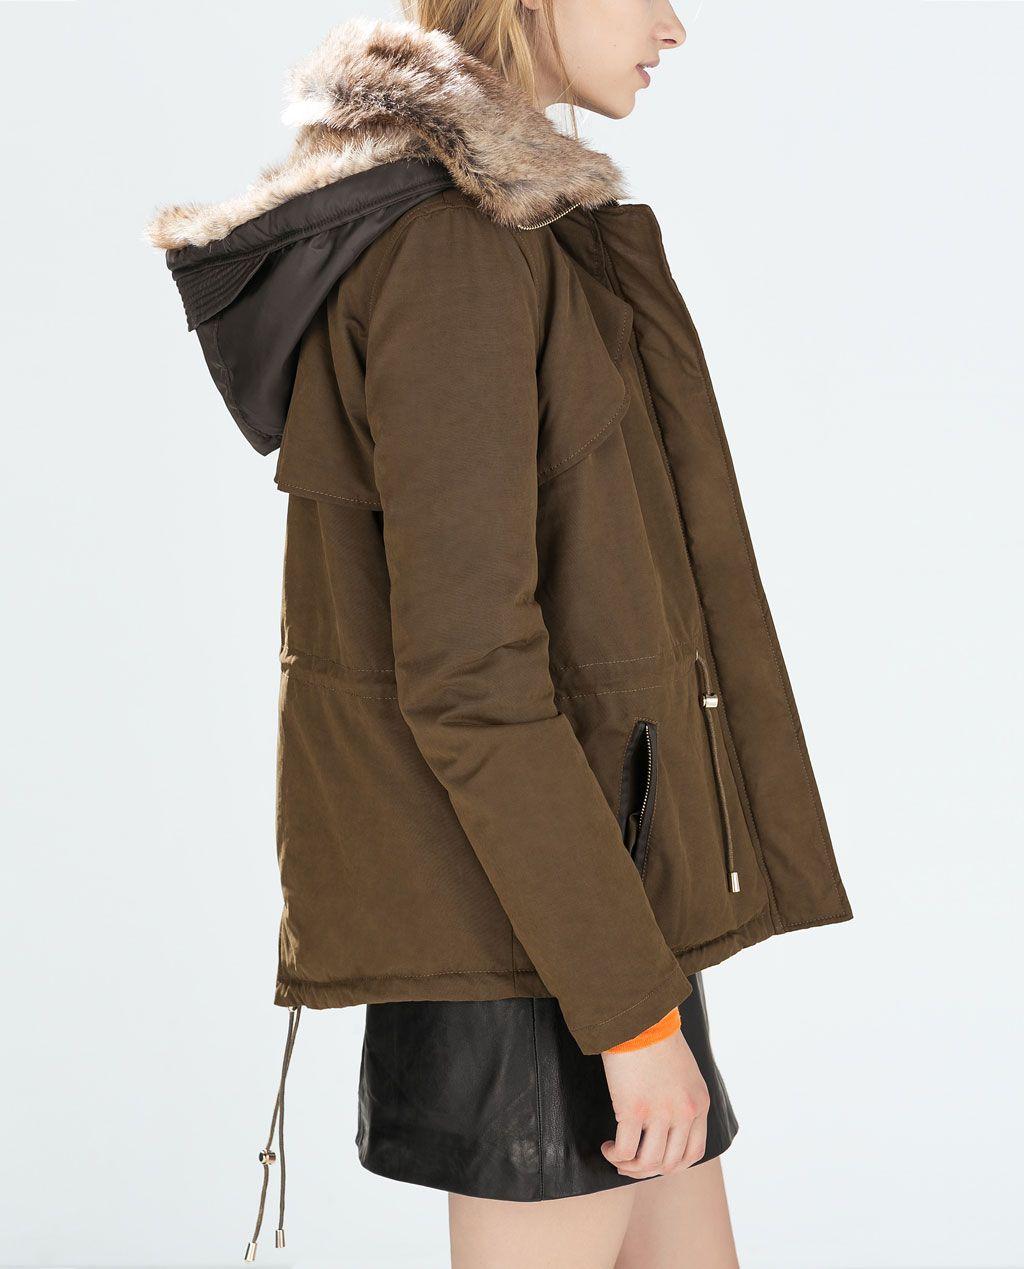 Mujeres Zara Pinterest Contraste Trf Parka Zara Shopping qw47ZCY